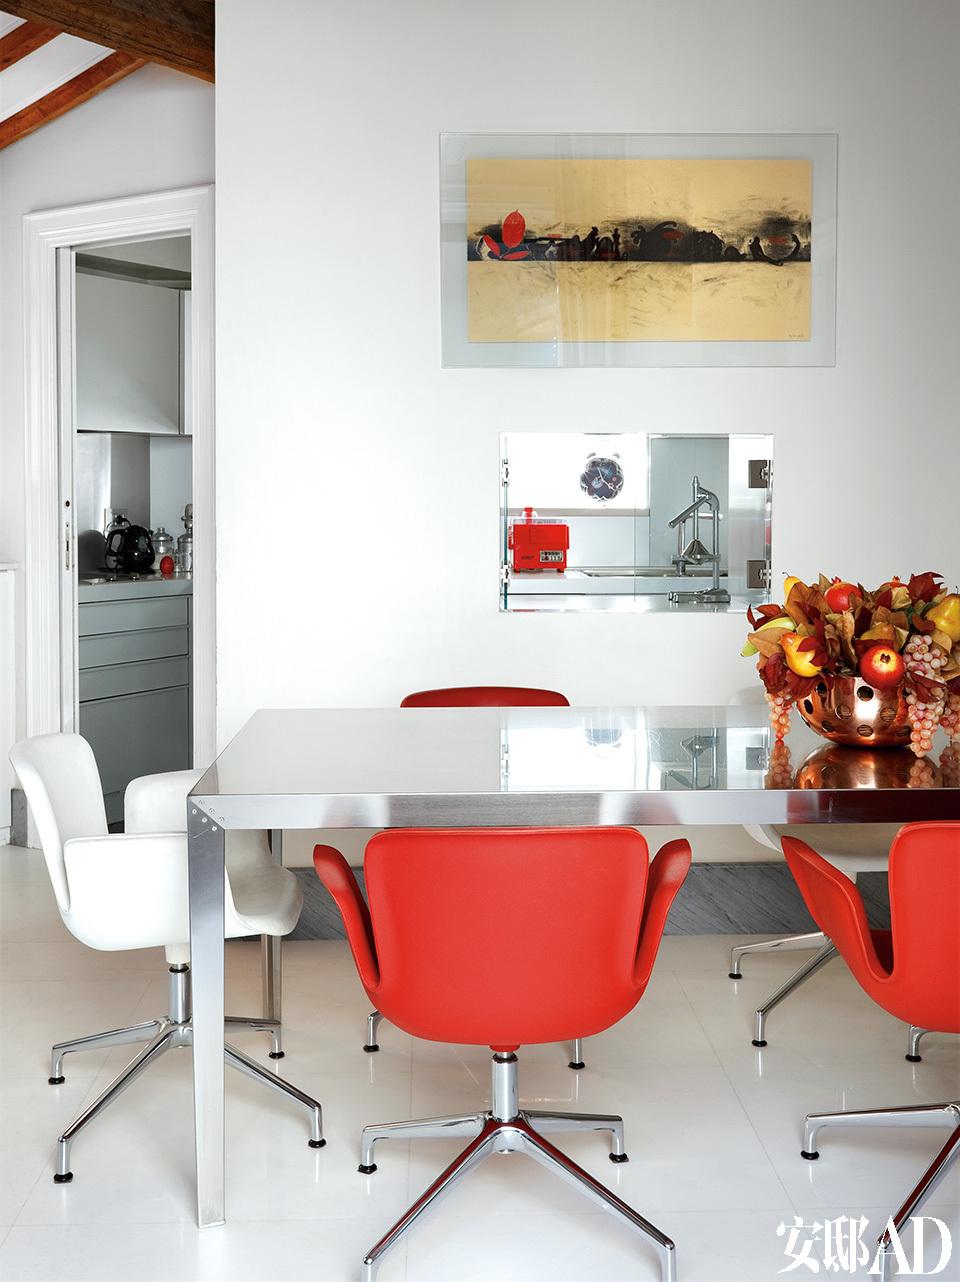 """厨房也可用作非正式的餐厅。""""我们常在这里招待好朋友或家人,这是整个家里气氛最融洽的地方。"""""""